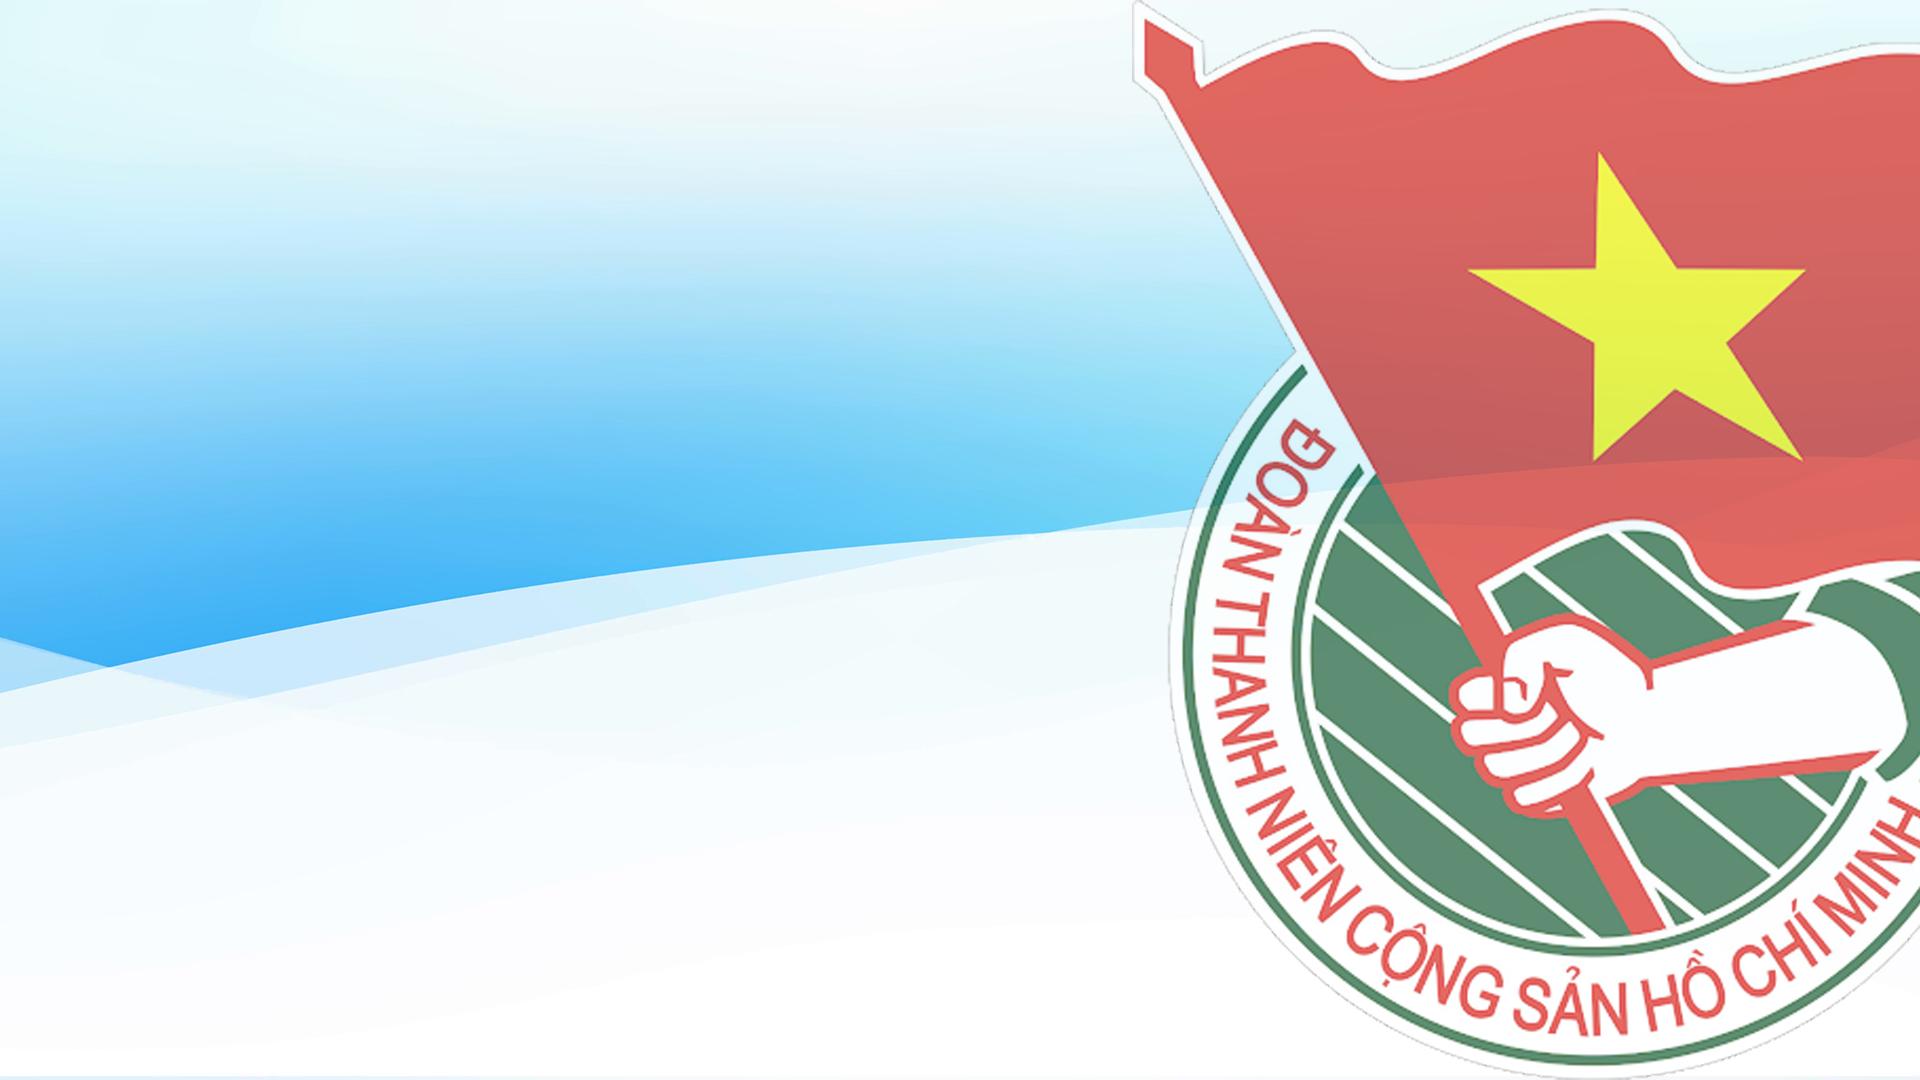 Background đoàn thanh niên Hồ Chí Minh đẹp